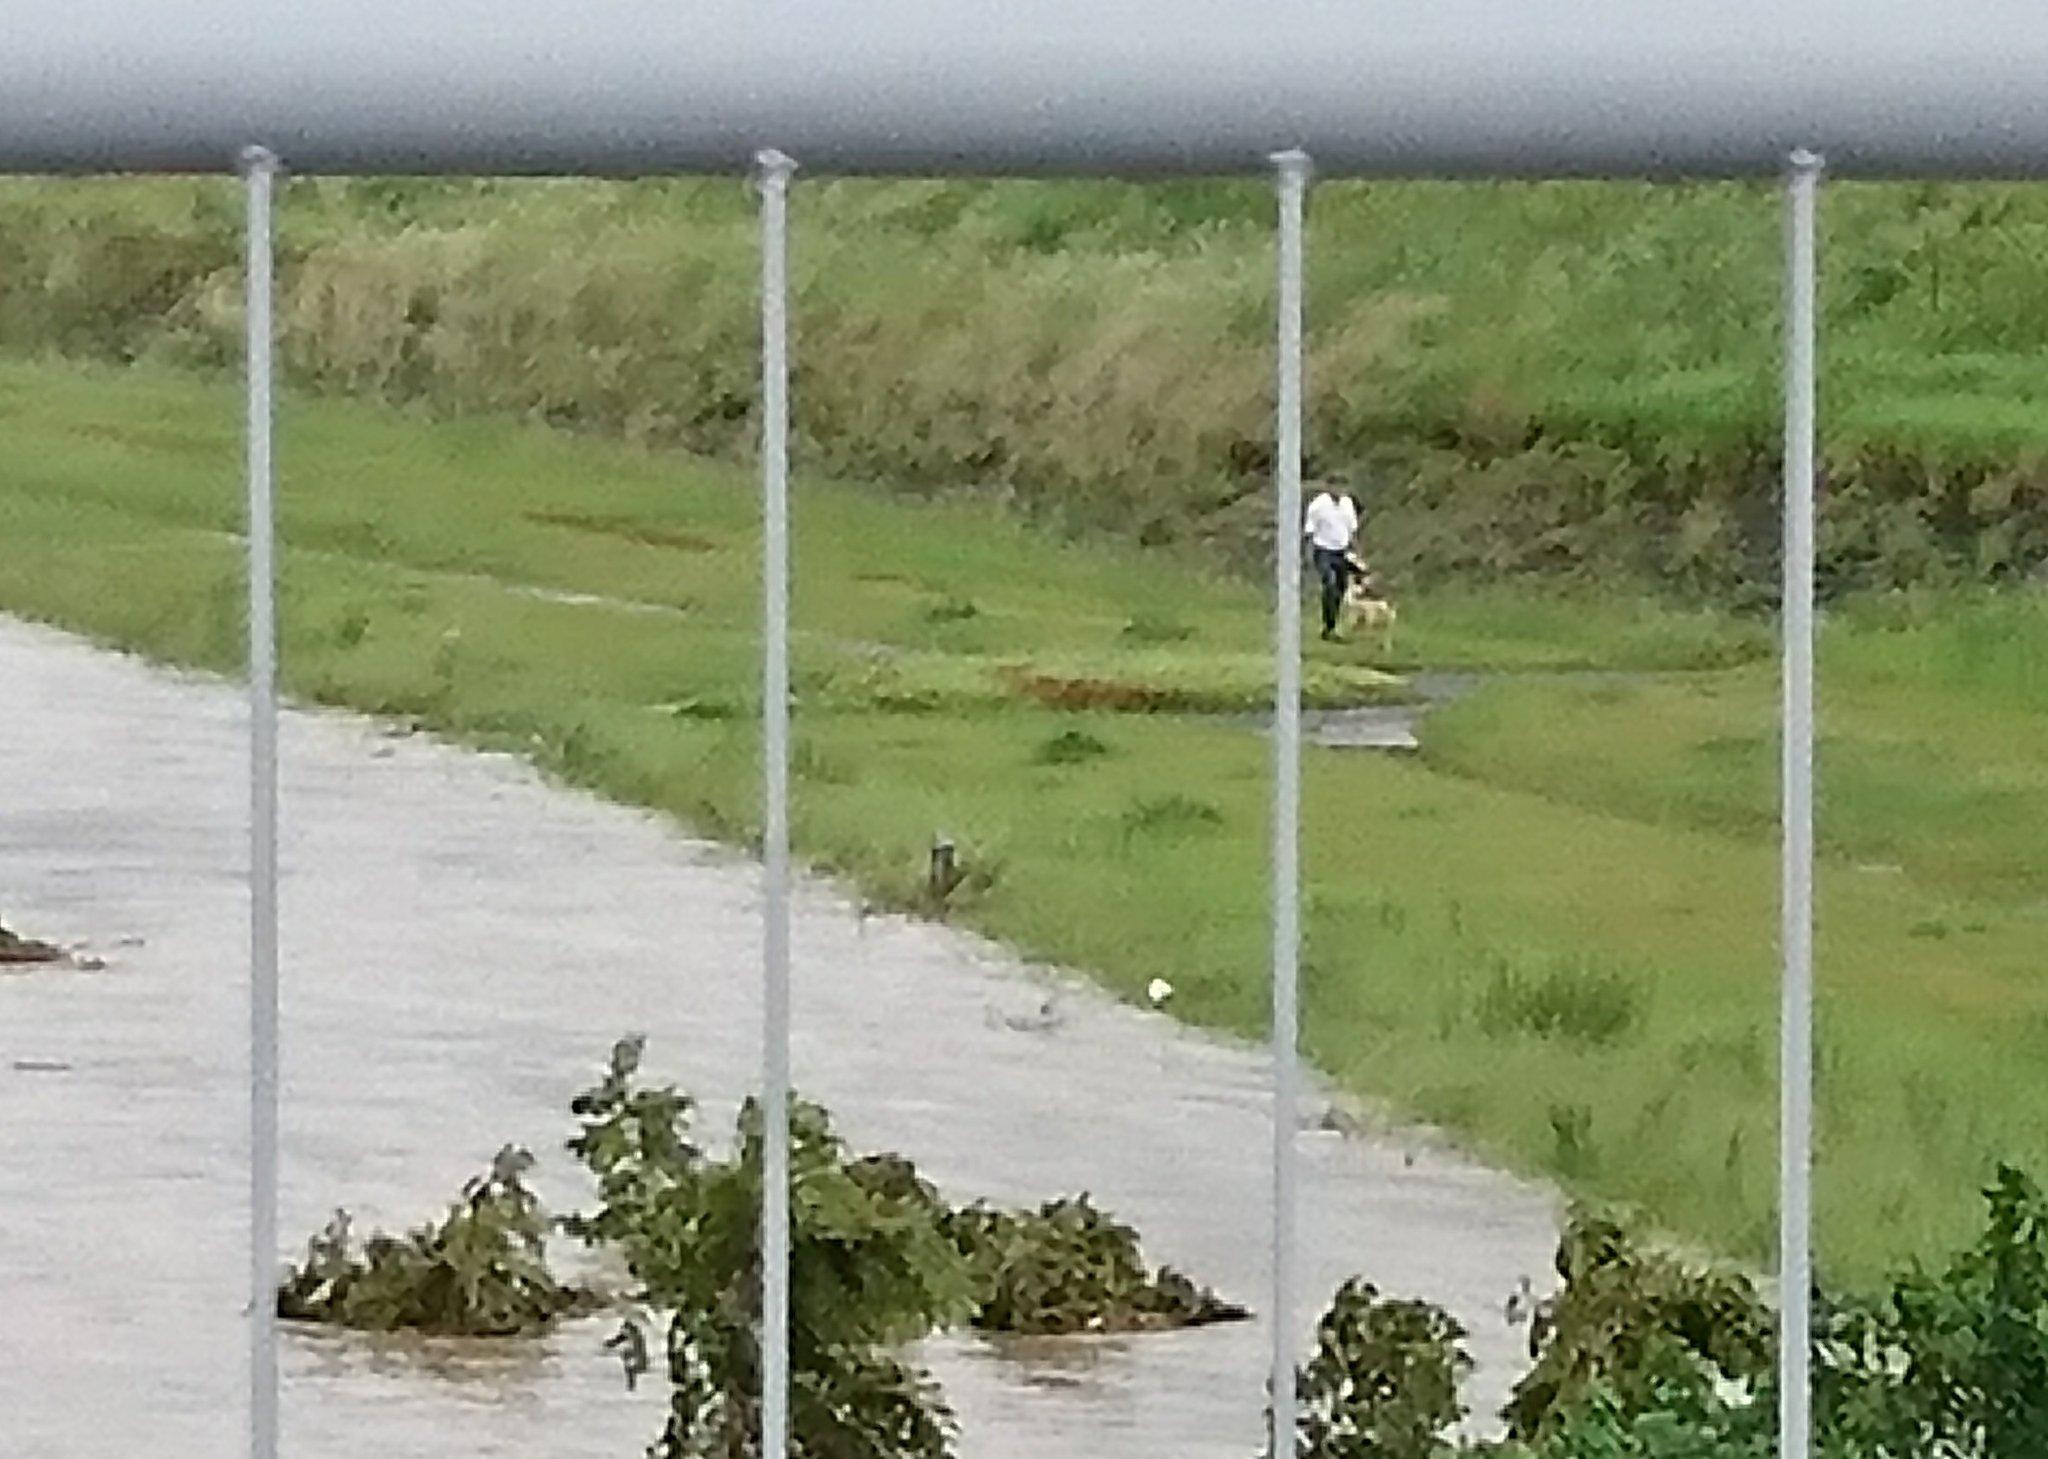 画像,大雨・洪水警報が発令され、長良川がギリギリまで増水してても全く動じない岐阜県民。 https://t.co/GHM9yb3Ywh…